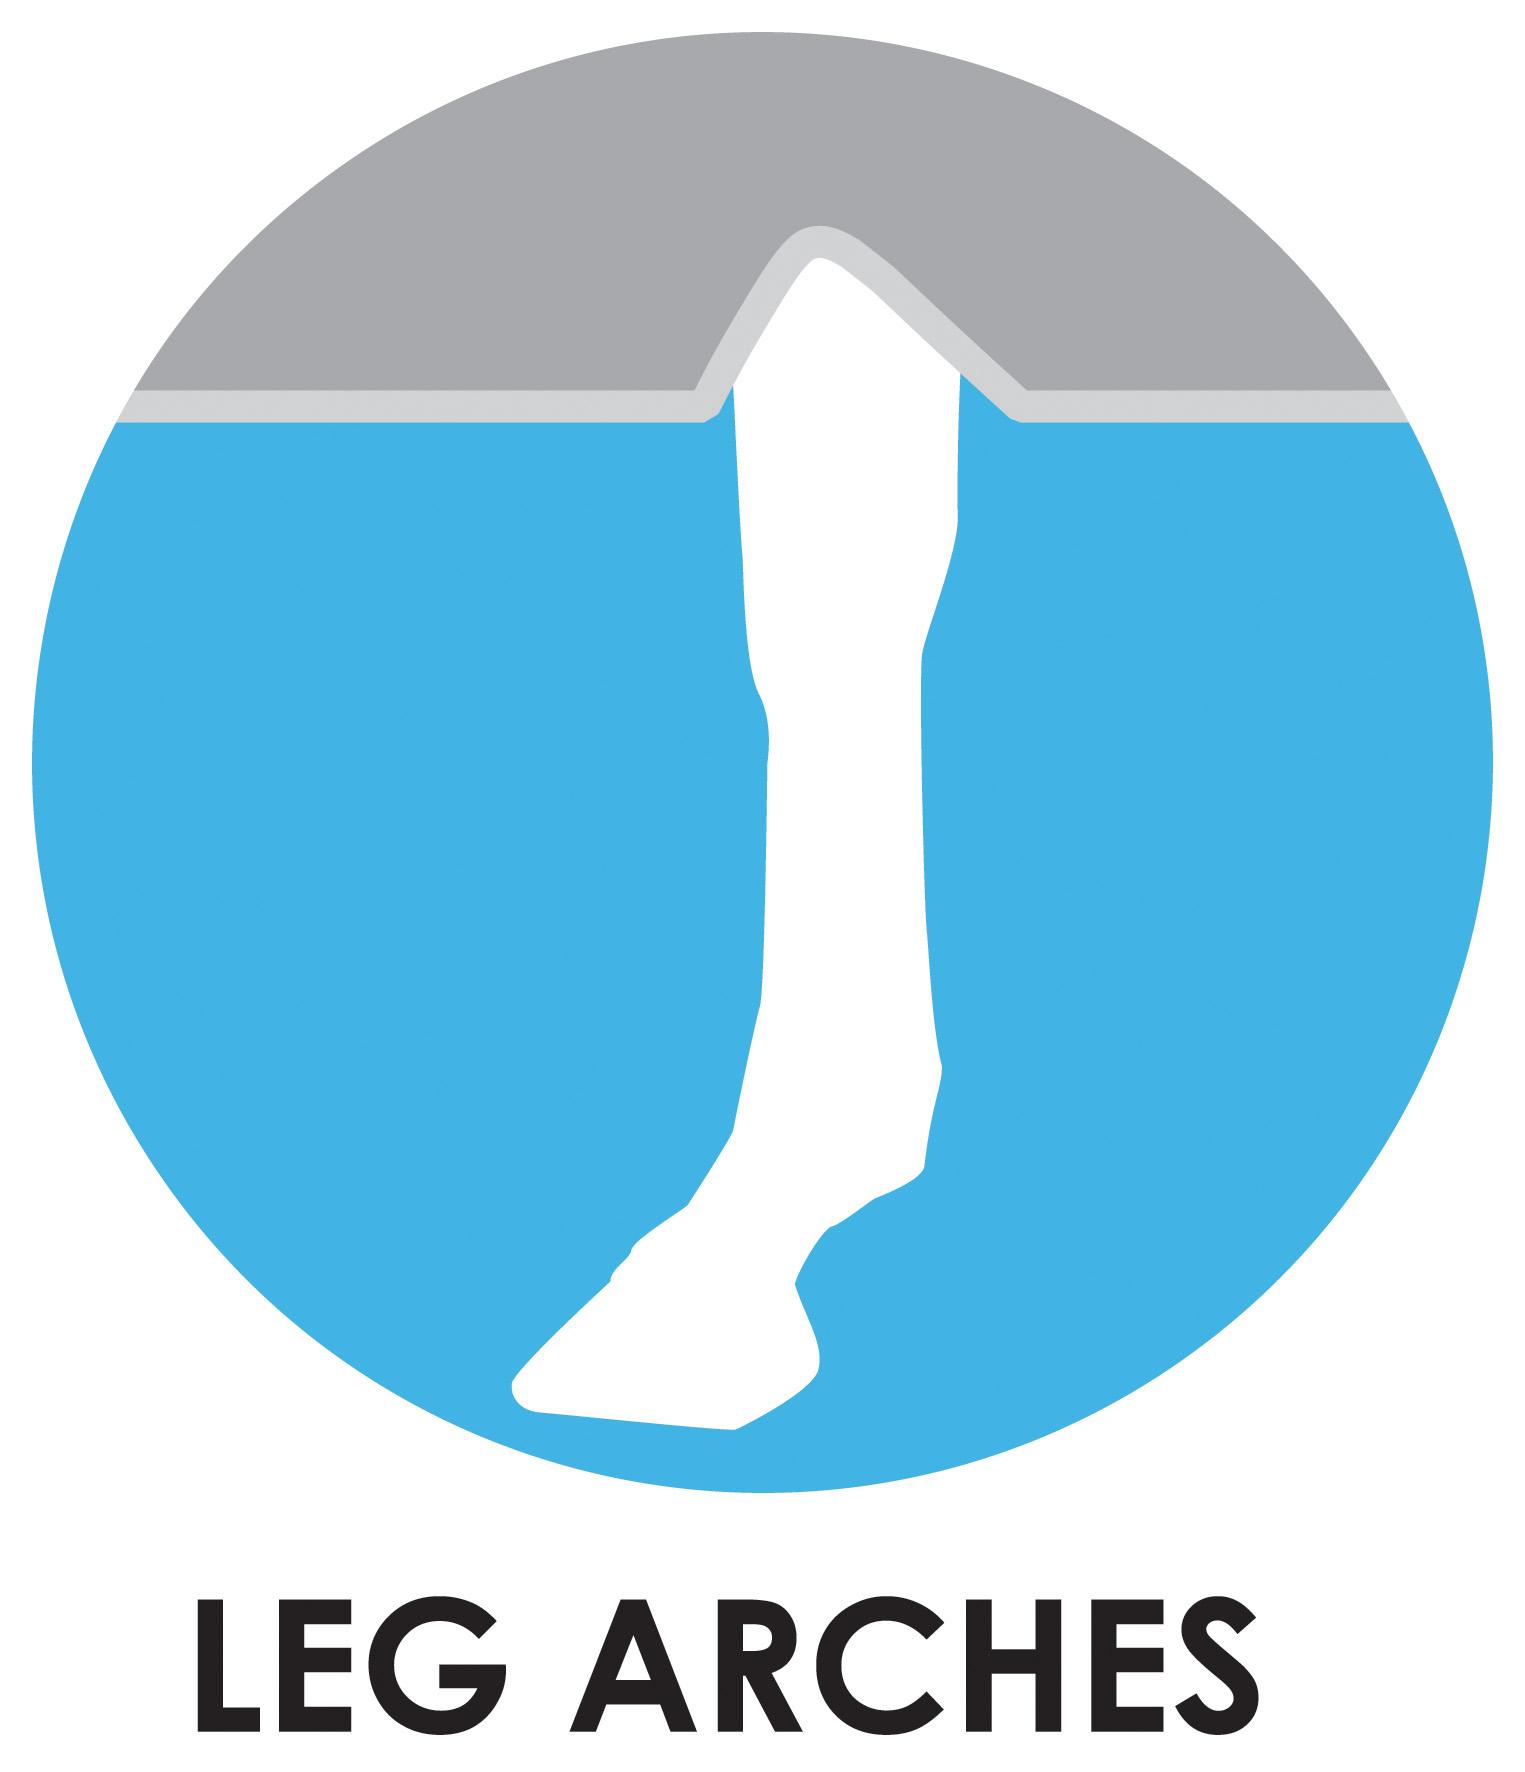 leg arches